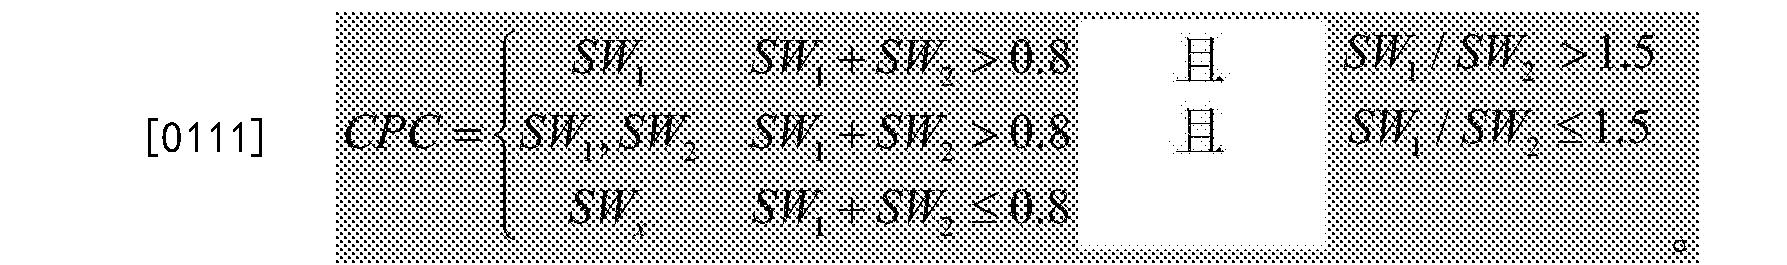 Figure CN106547866BD00111